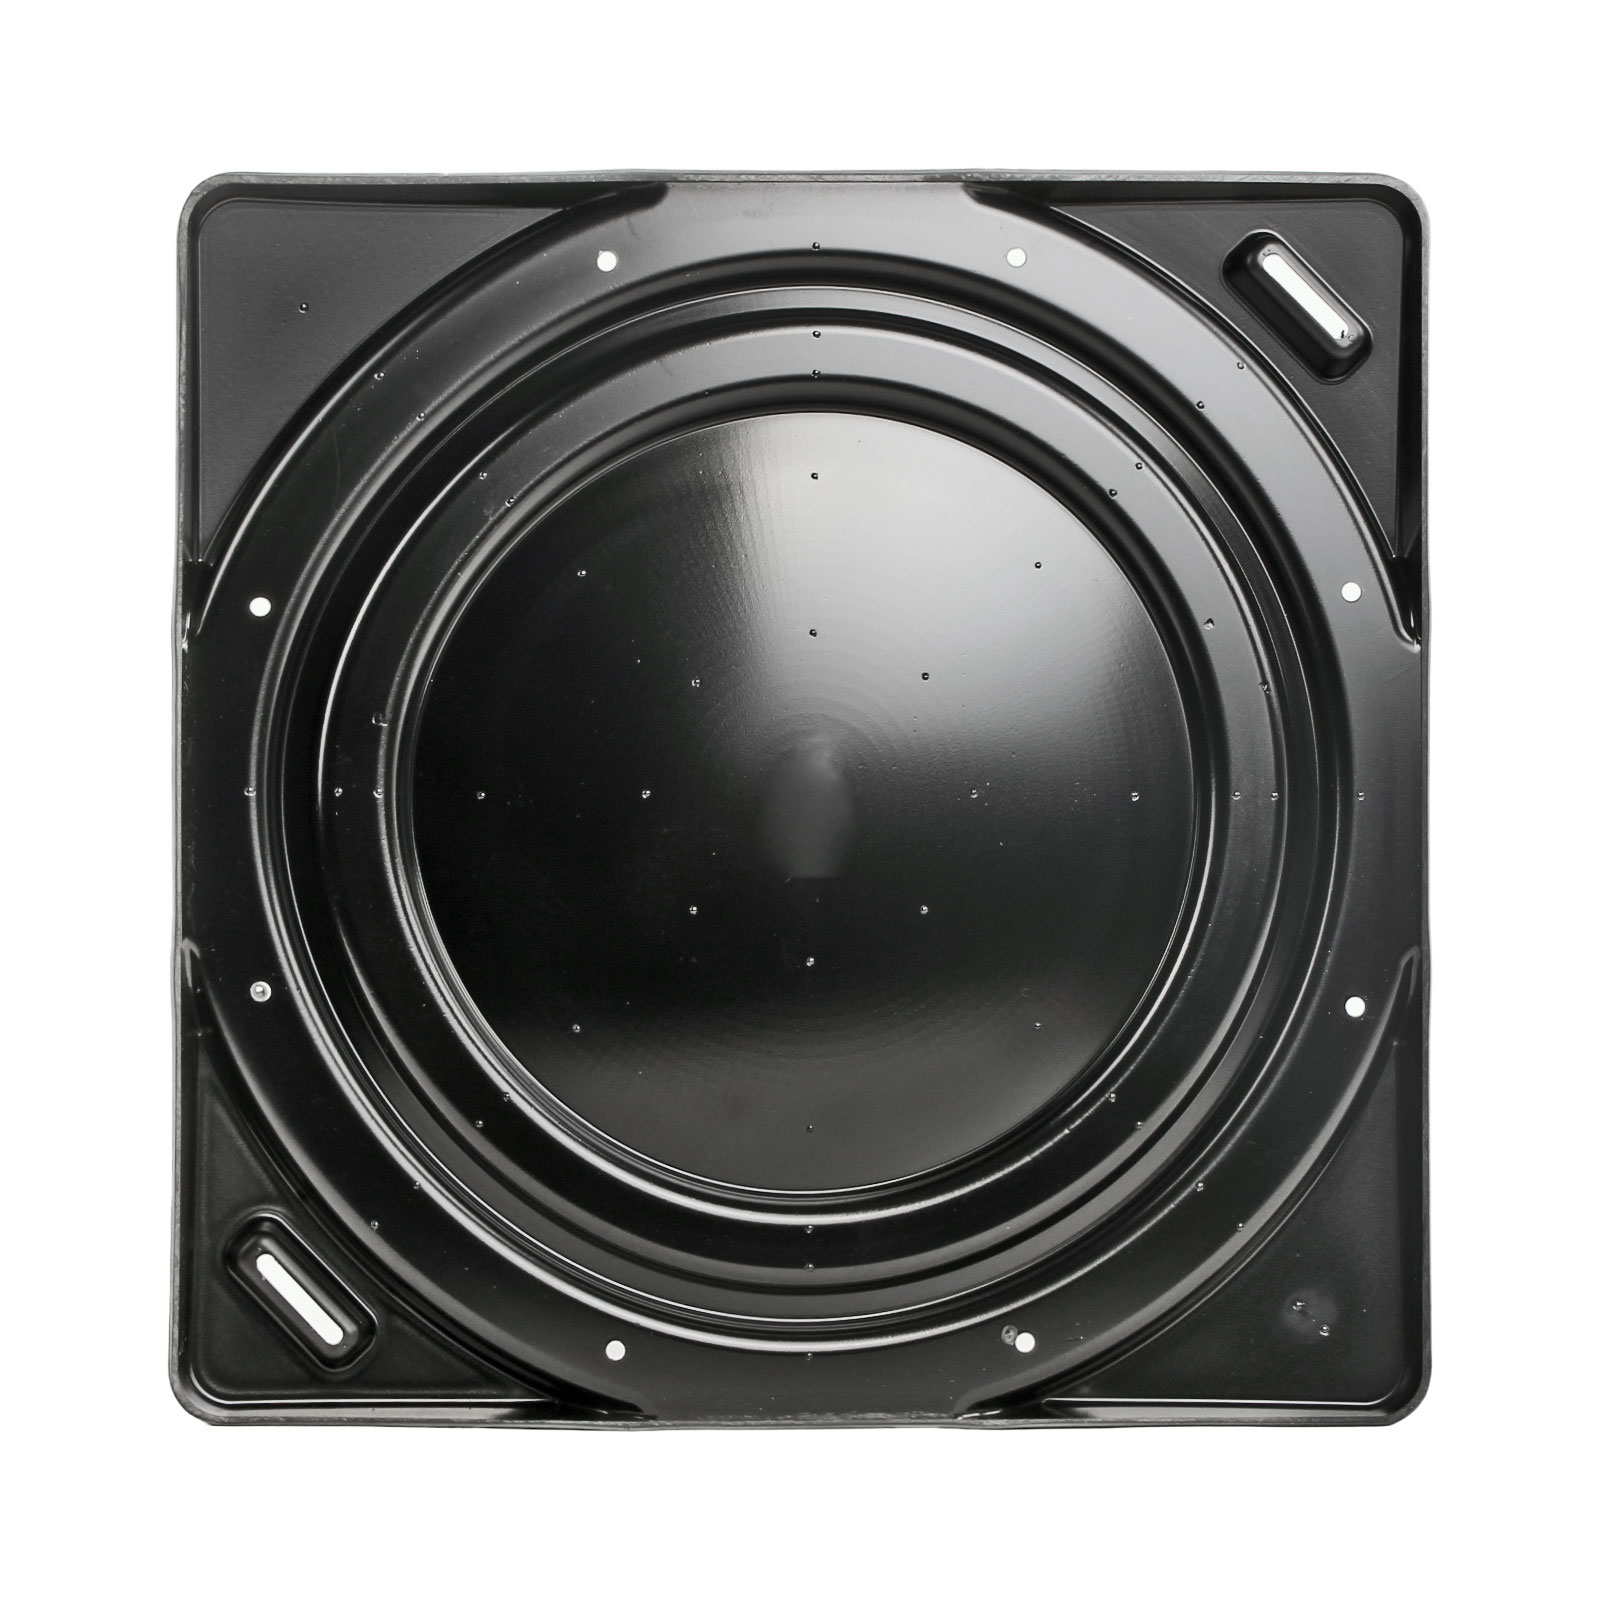 2x gasflaschenhalter froli schwarz passend f r 5 oder 11. Black Bedroom Furniture Sets. Home Design Ideas